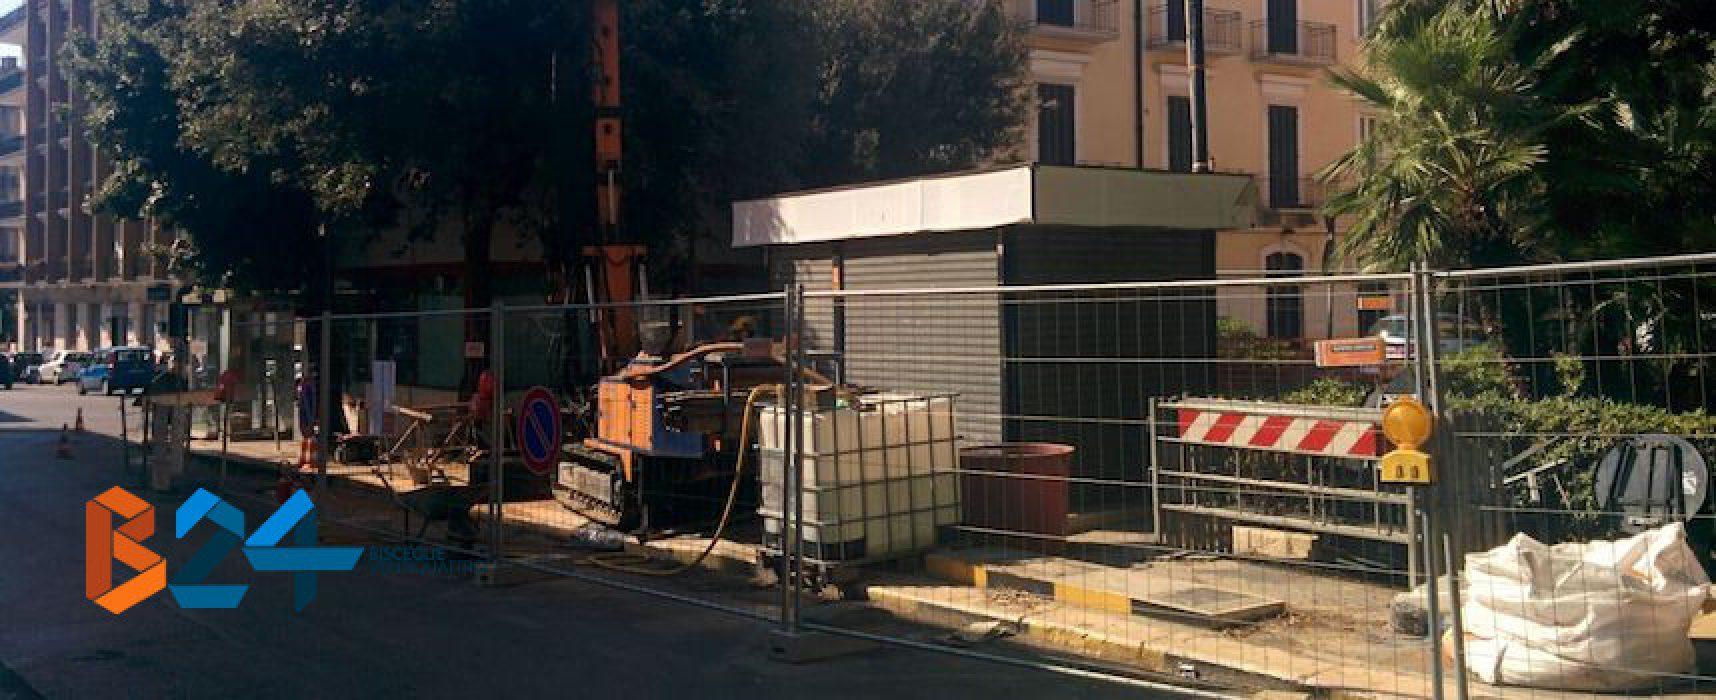 Rimozione distributore carburante di largo canonico Pasquale Uva: tutte le limitazioni al traffico